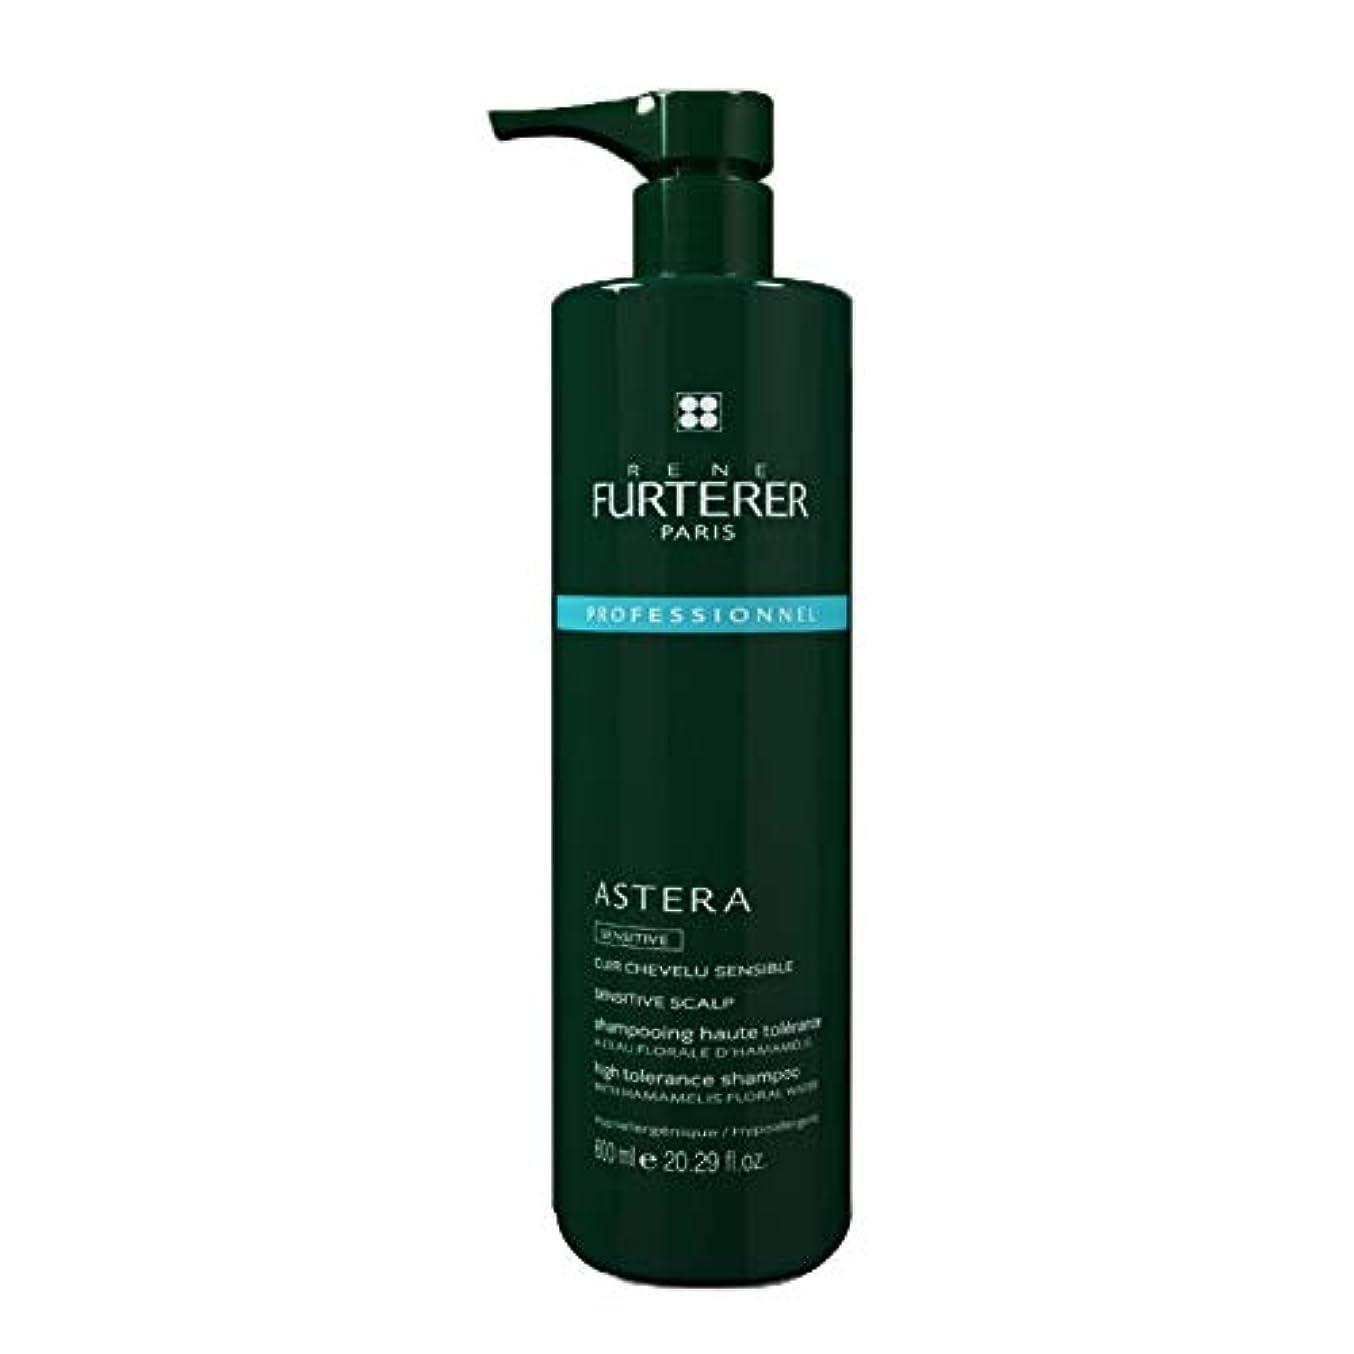 無人タッチミントルネ フルトレール Astera Sensitive High Tolerance Scalp Ritual Dermo-Protective Shampoo (Sensitive Scalp) 600ml/20.2oz...